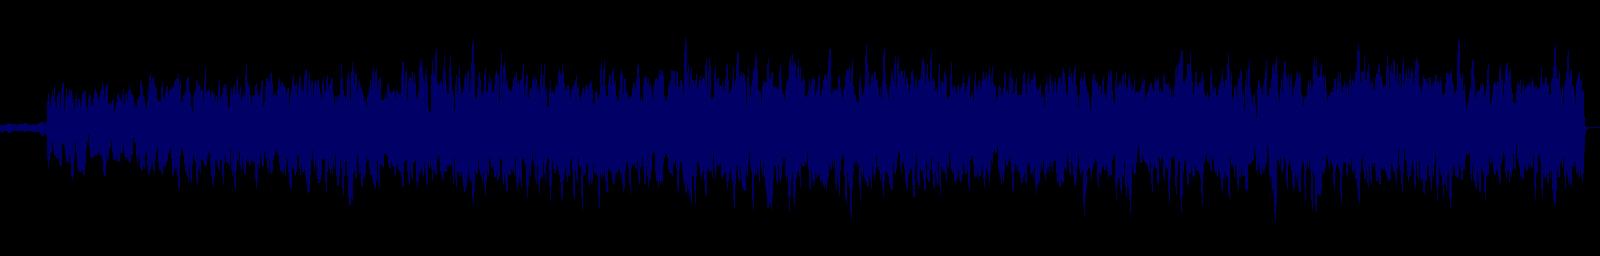 waveform of track #132070